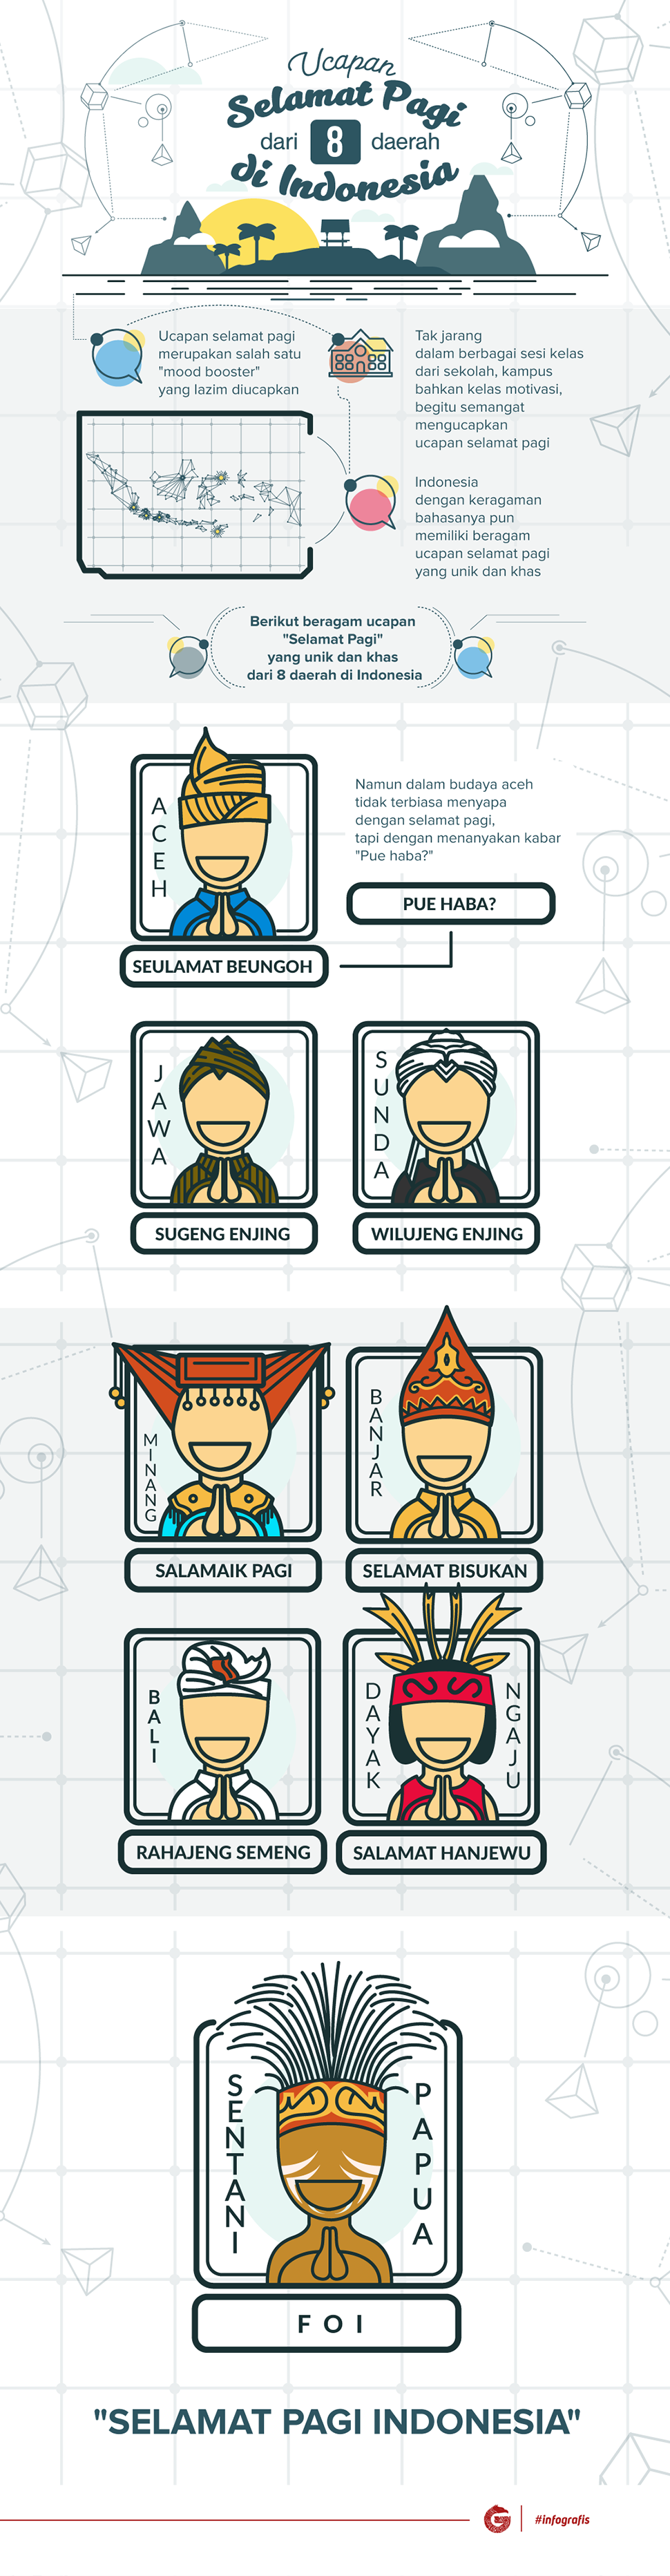 Ucapan Selamat Pagi dari 8 Daerah Indonesia